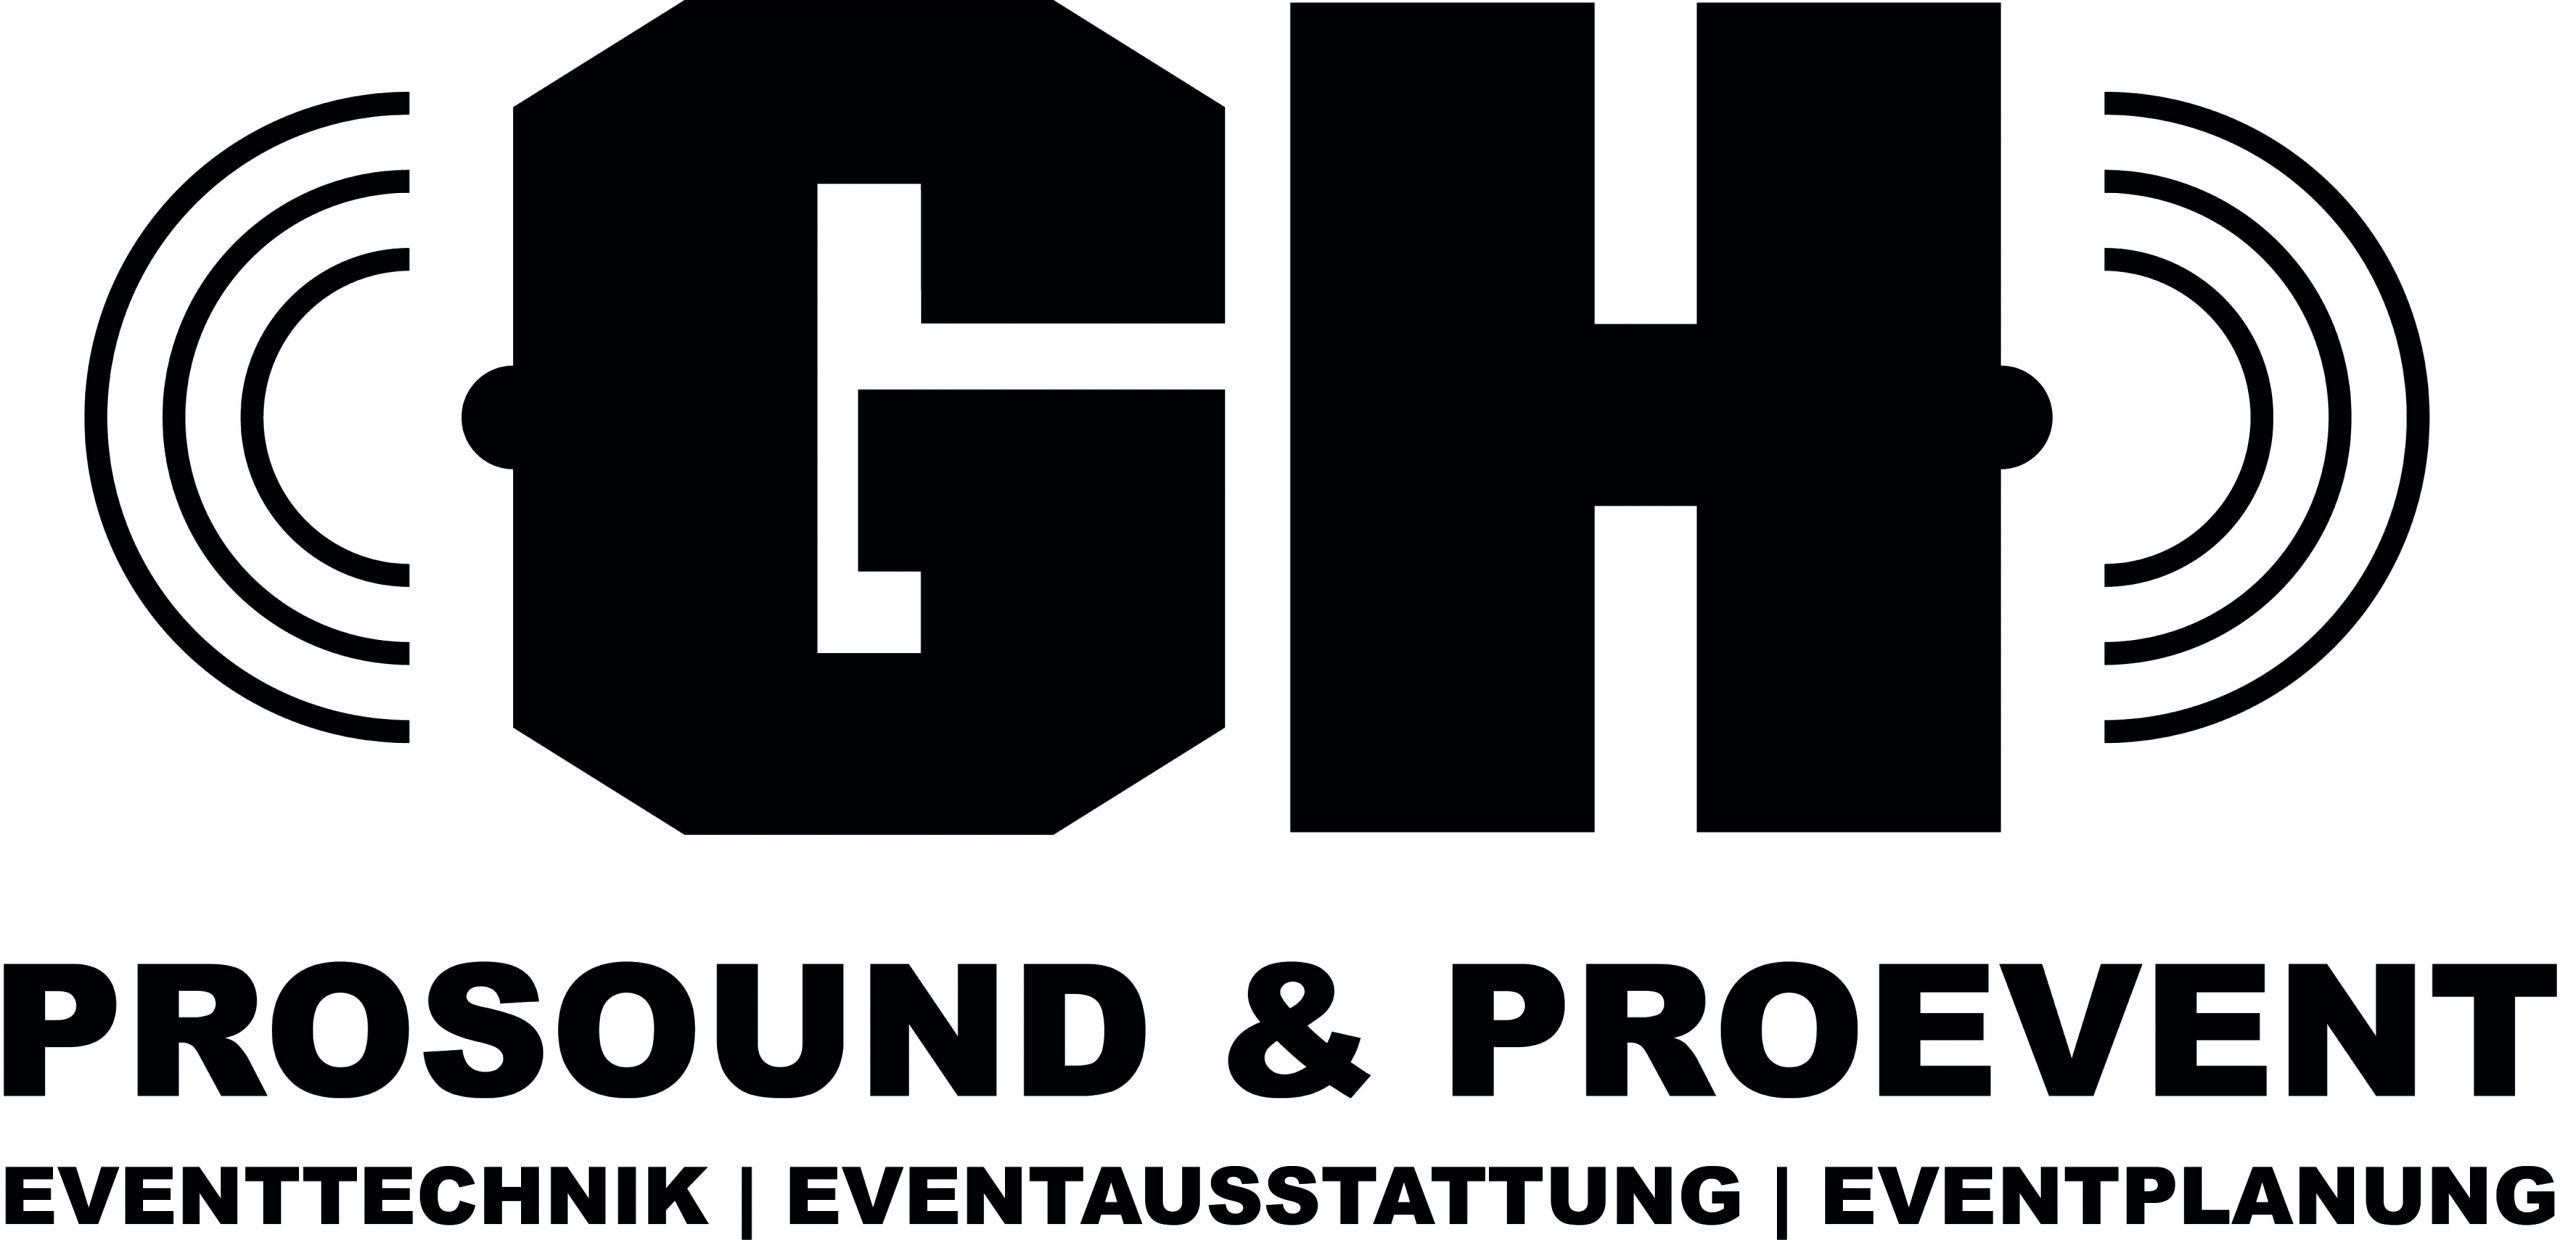 Logo der GH-Prosound, GH Proevent